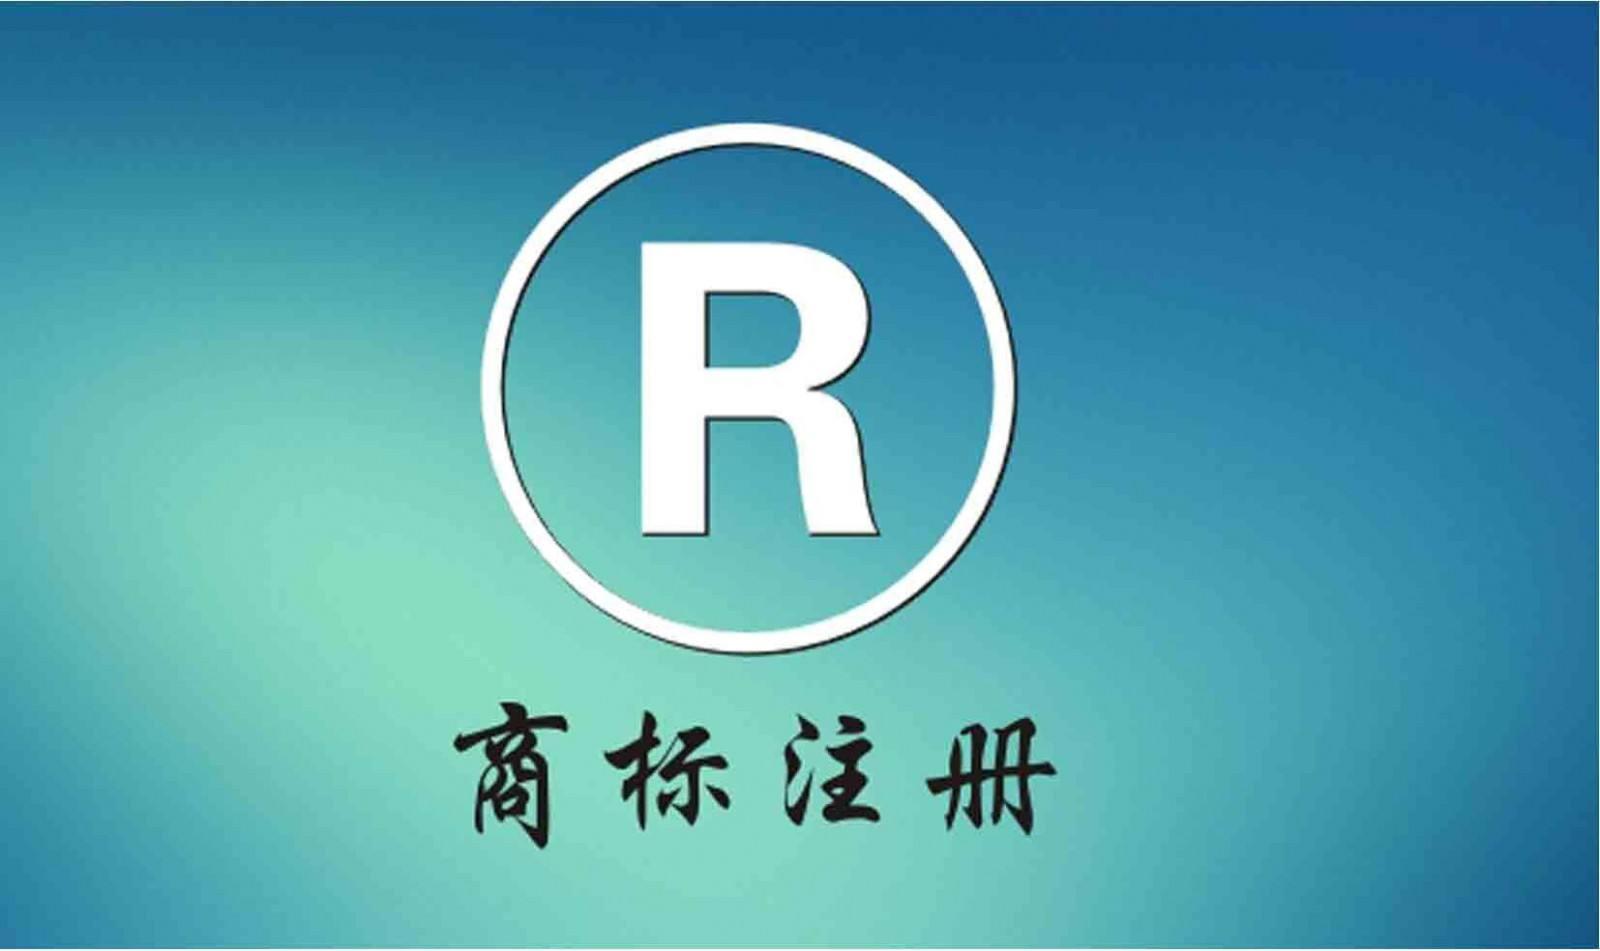 外国人在广州注册商标流程和条件?